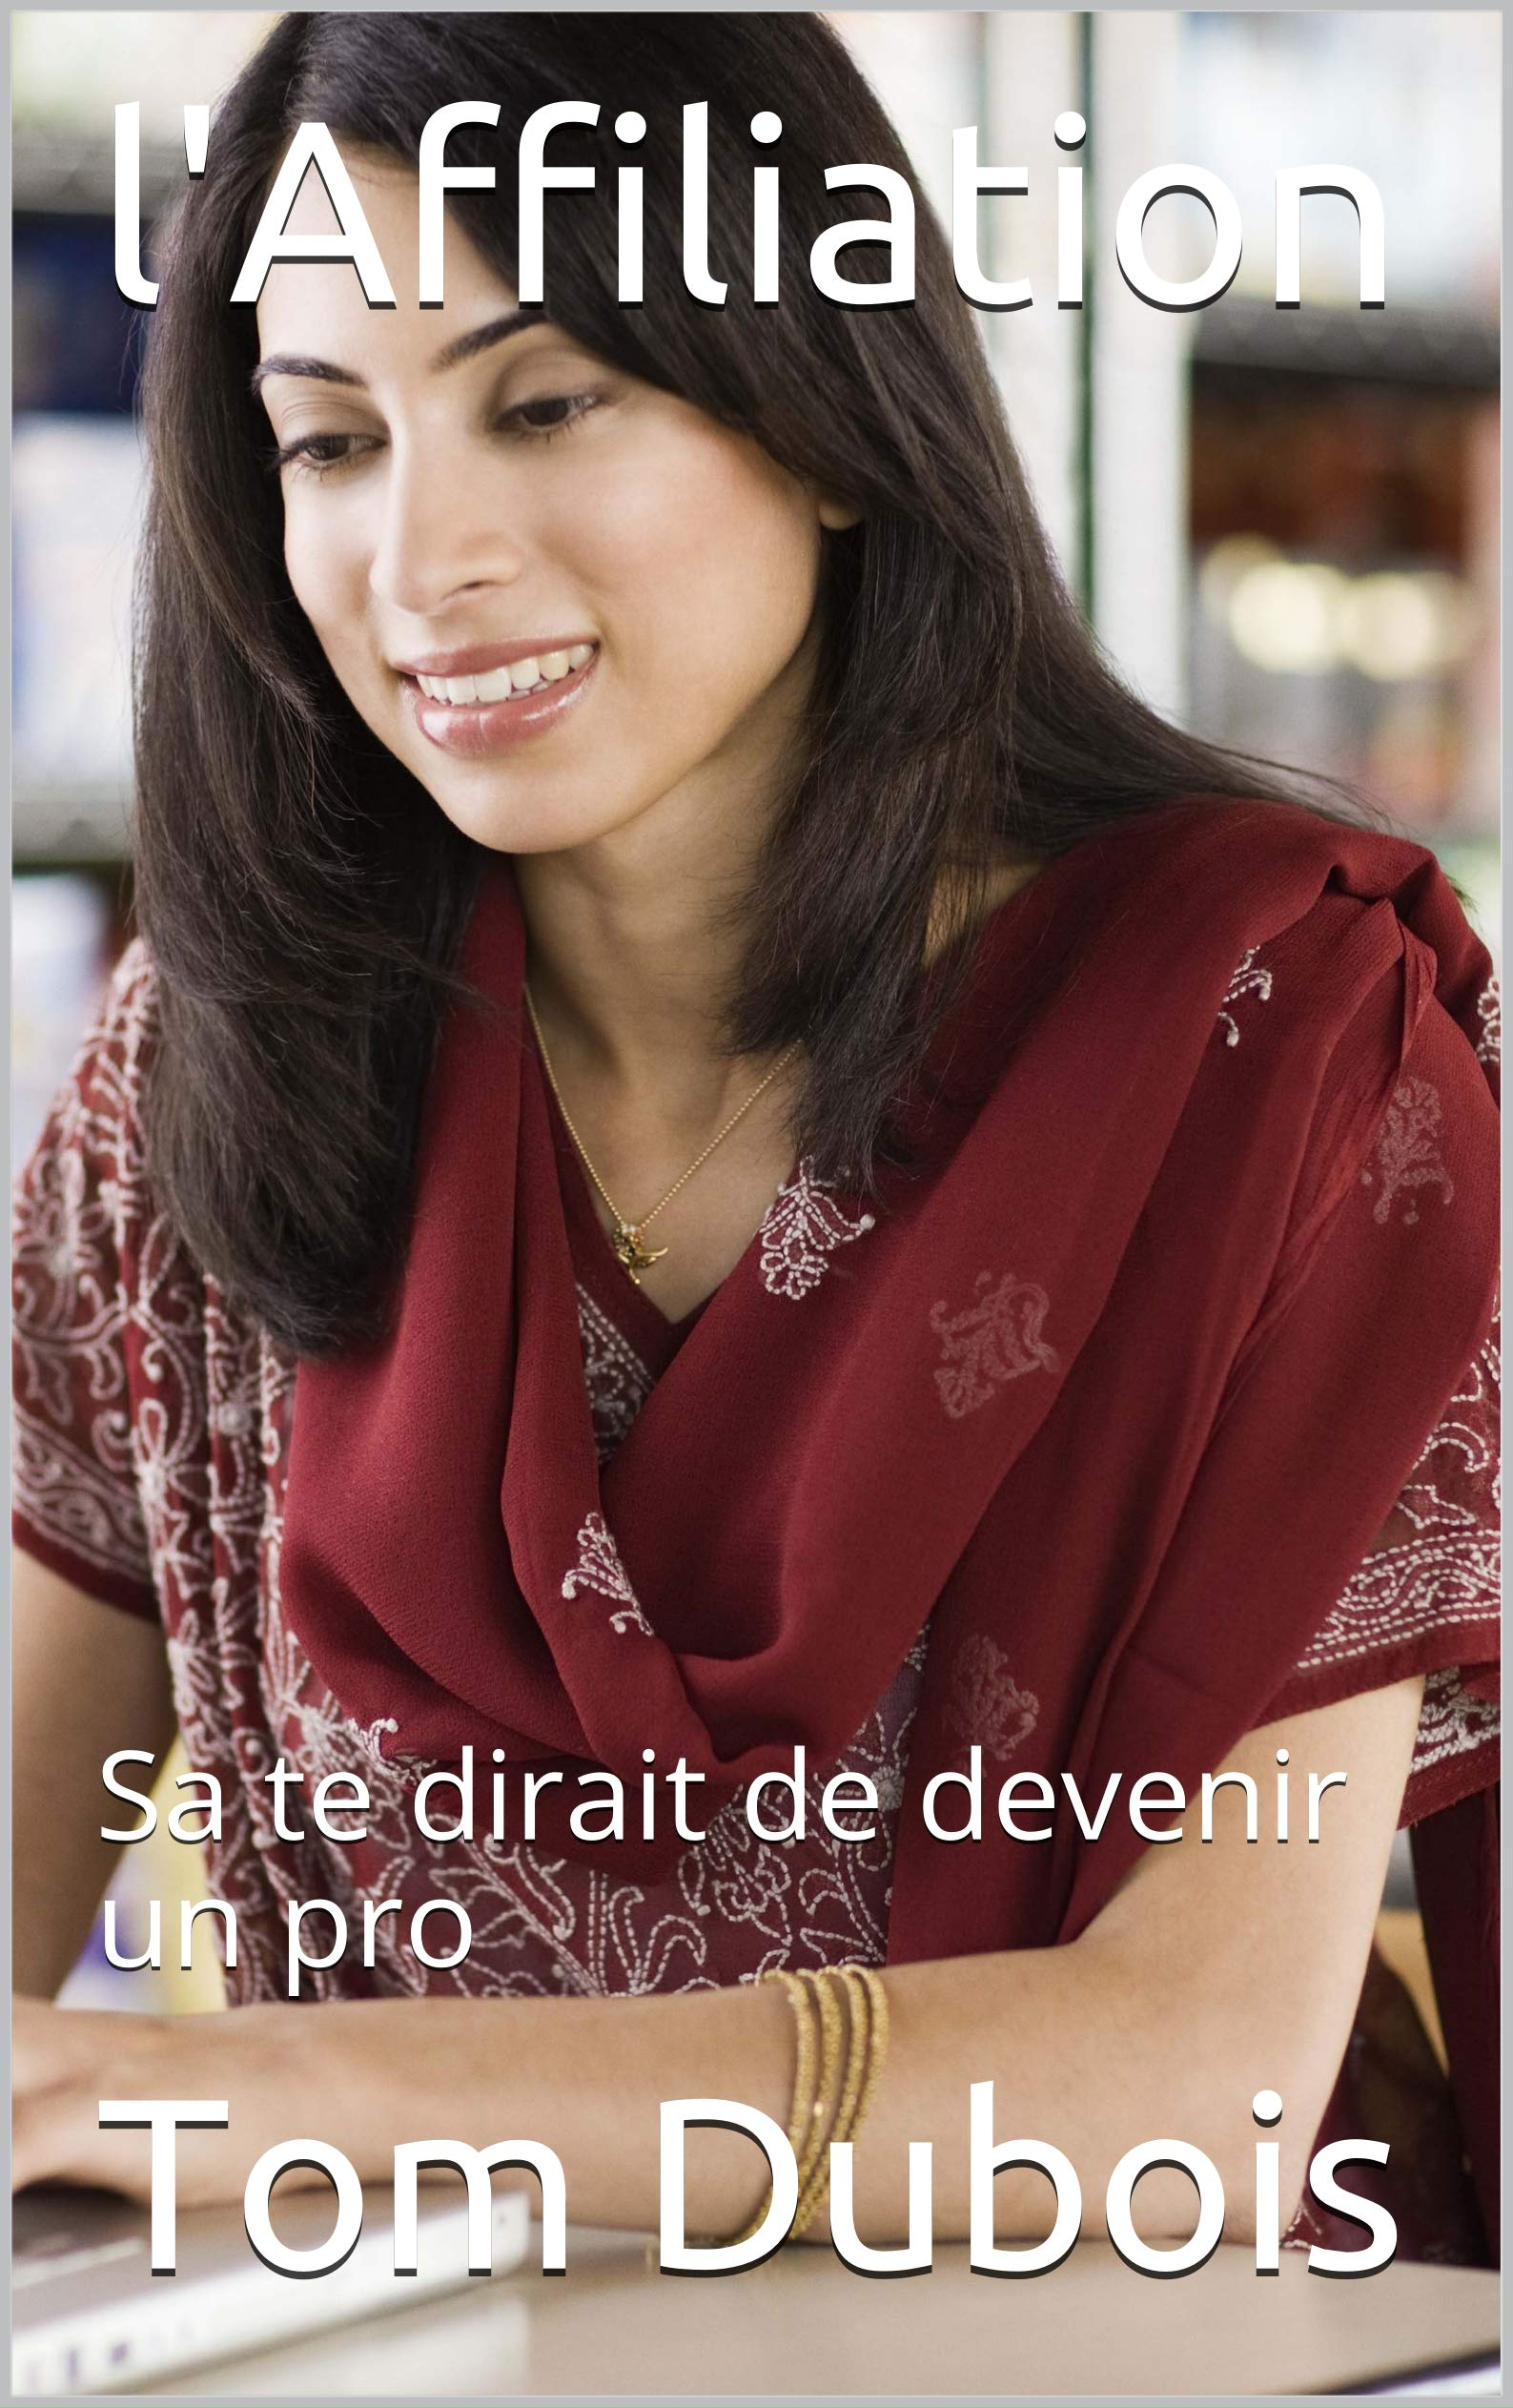 l'Affiliation: Sa te dirait de devenir un pro (French Edition)